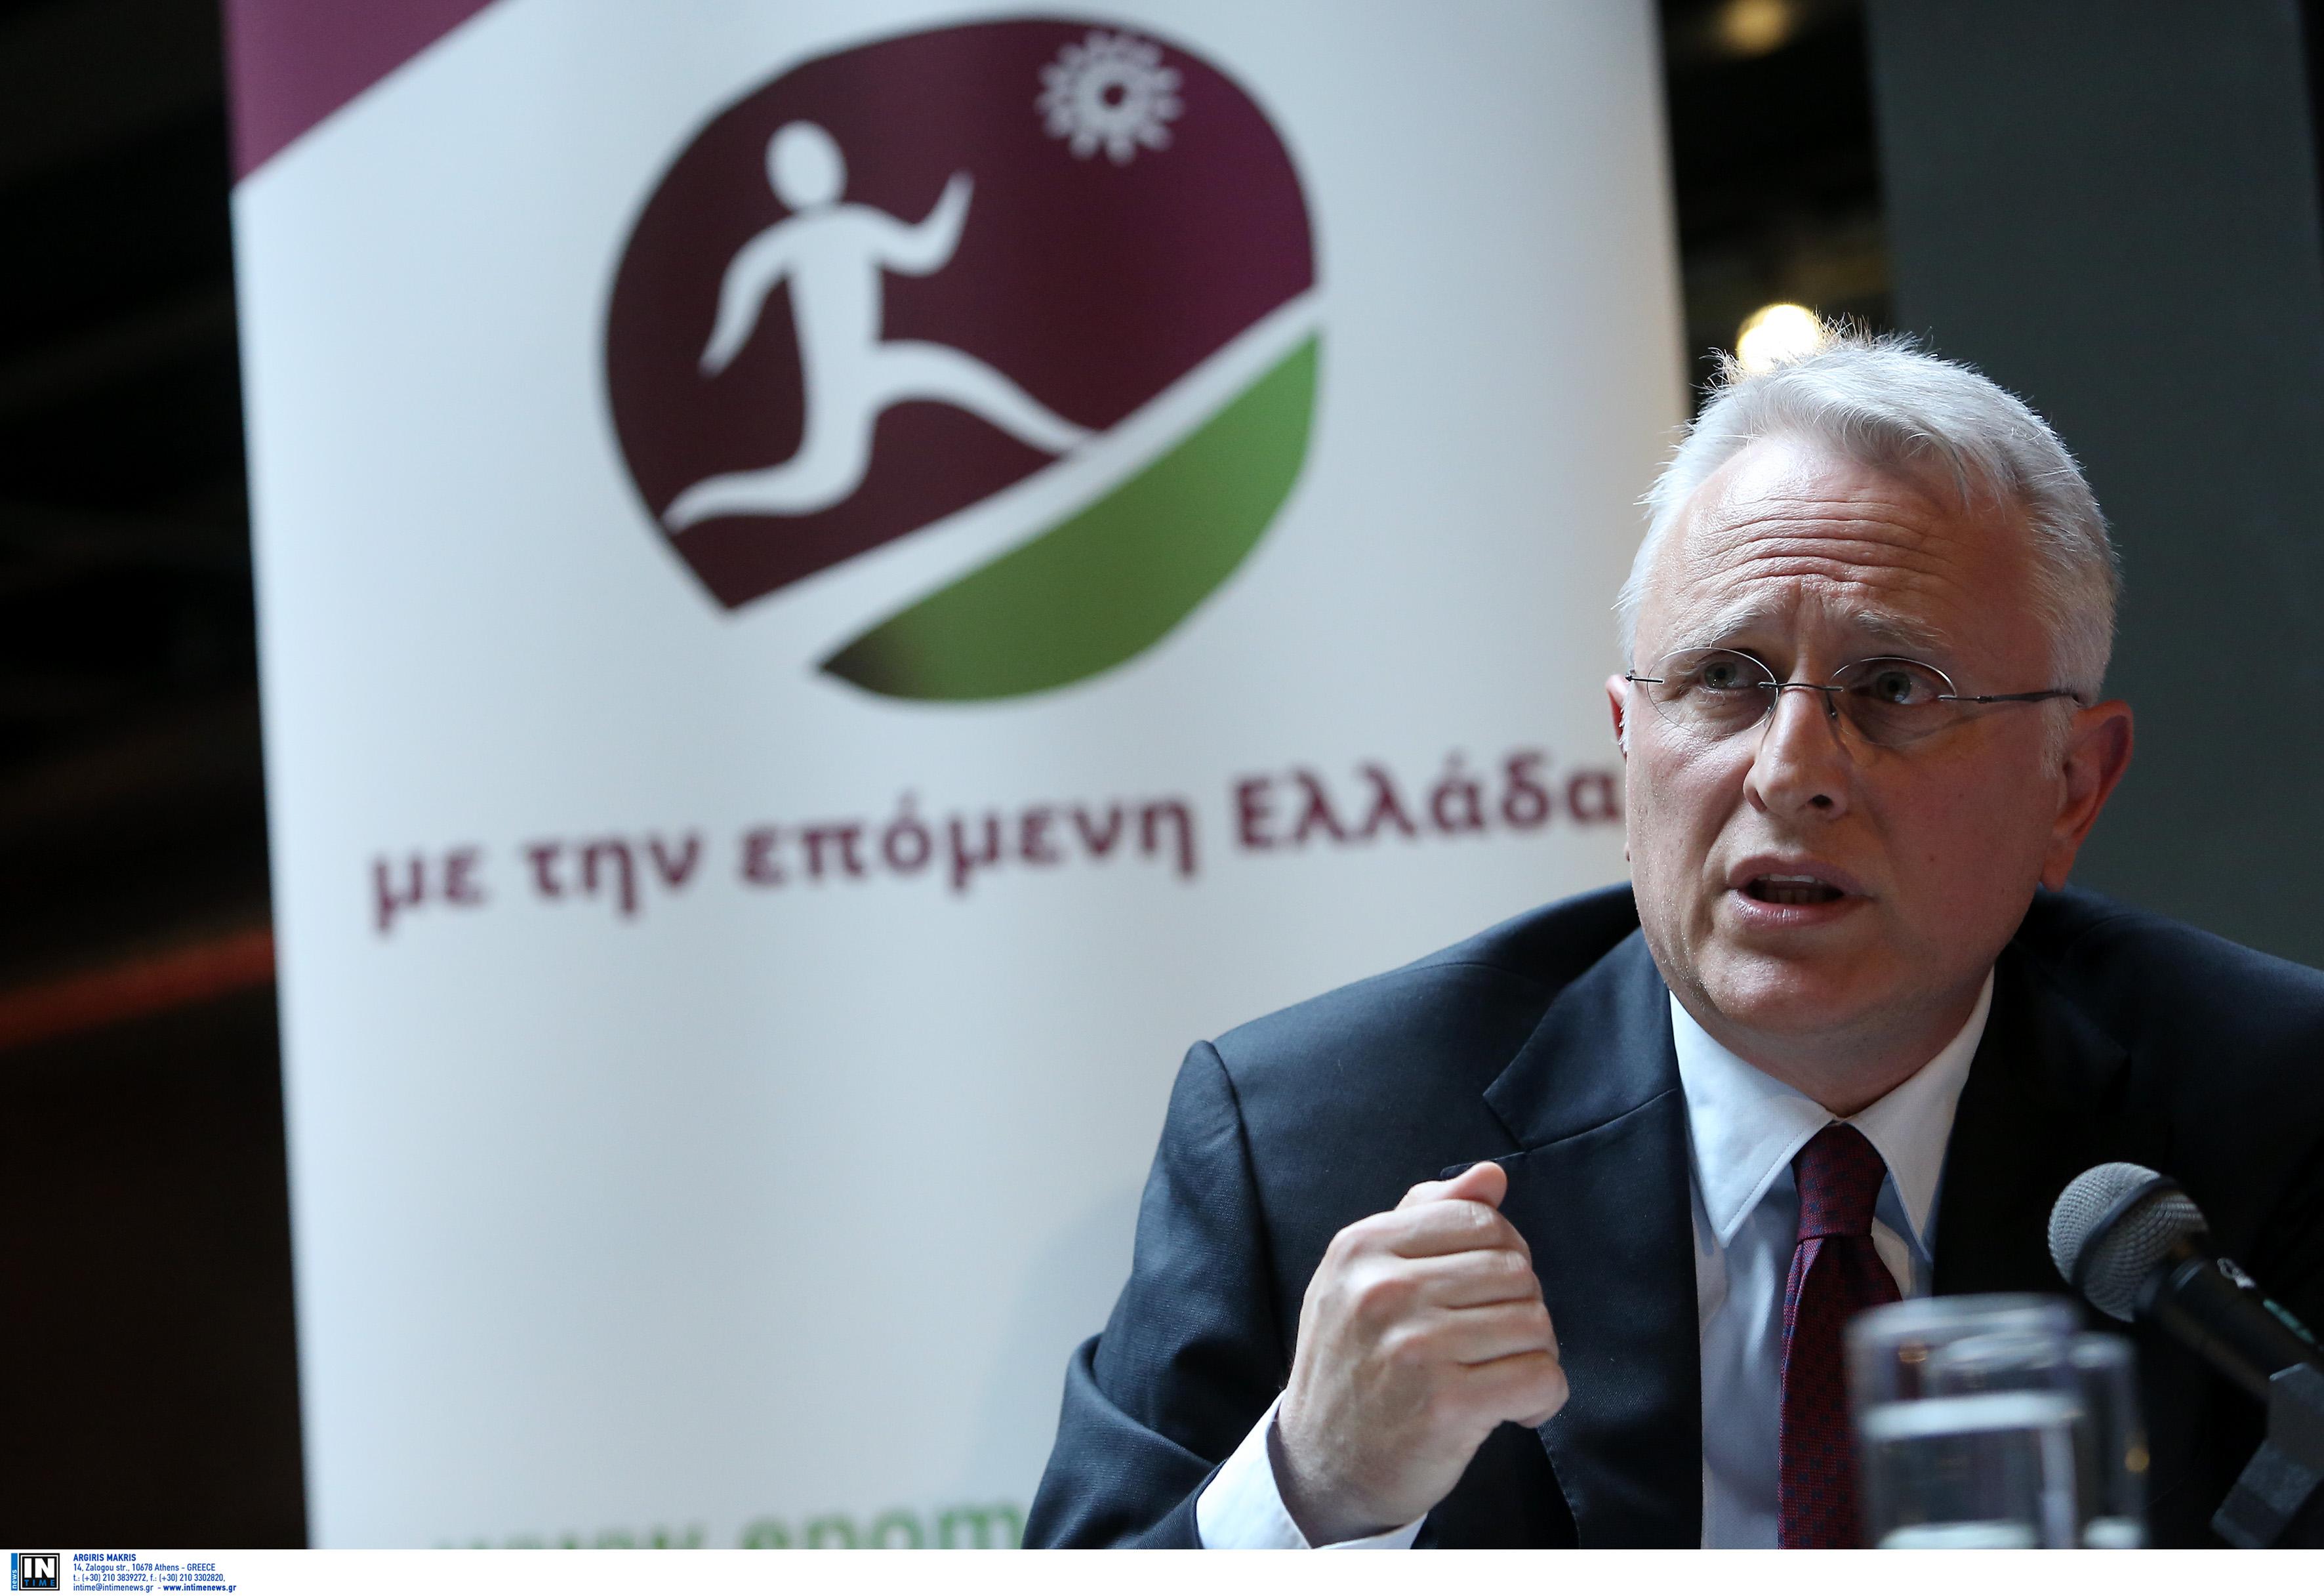 Ραγκούσης: Αποφάσεις τώρα για ένα μεγάλο προοδευτικό κίνημα | tovima.gr